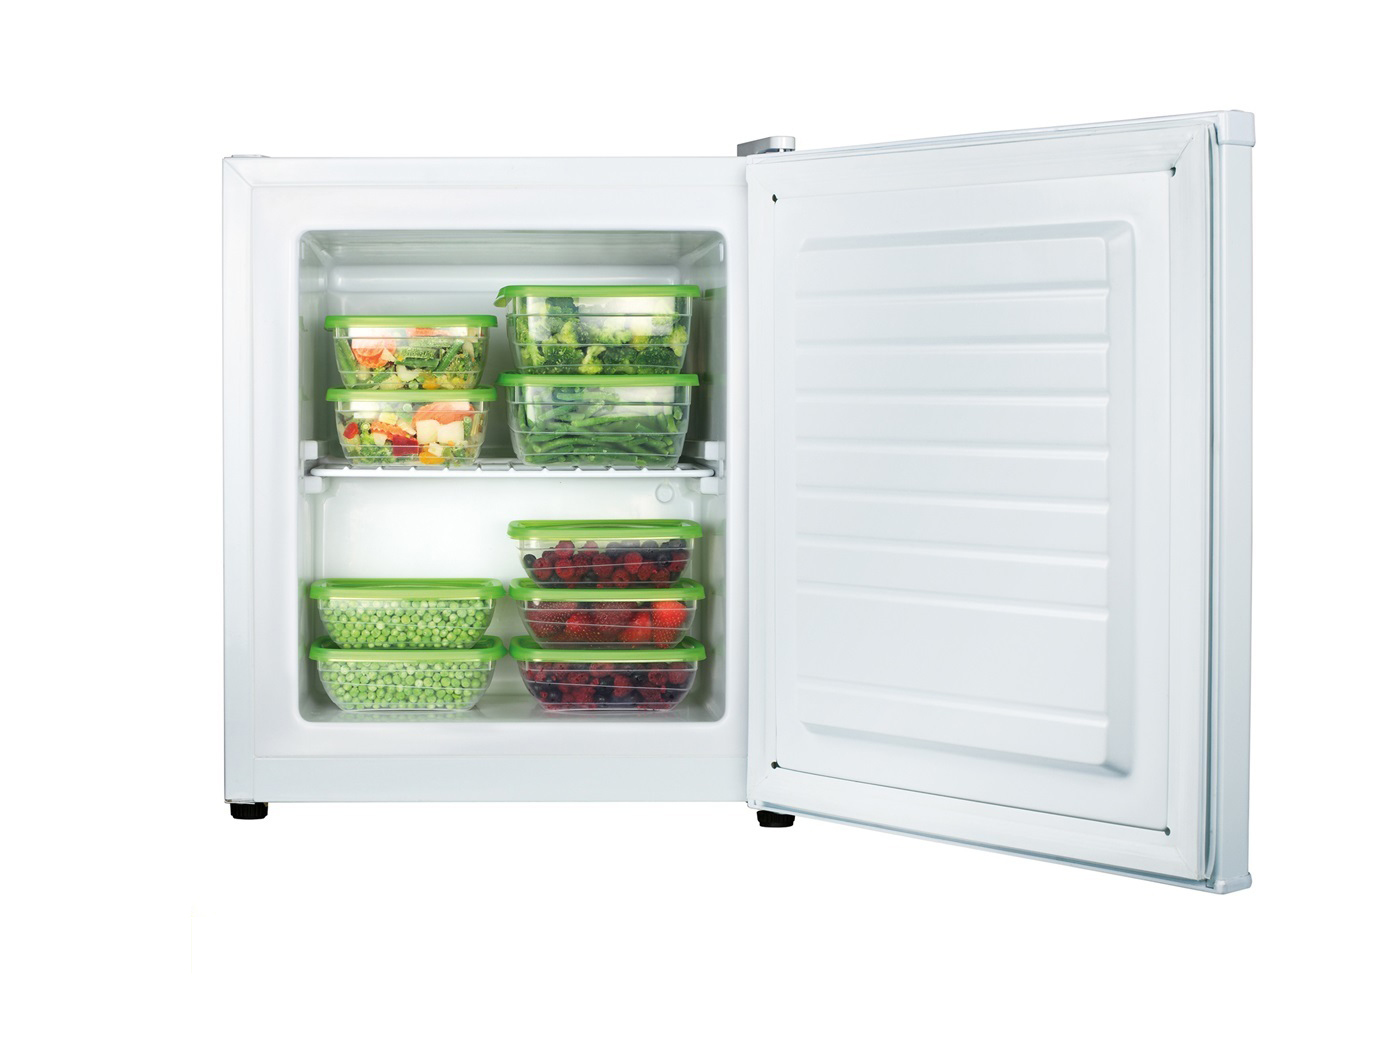 Kleiner Kühlschrank Preisvergleich : Kleiner kühlschrank kaufen schönsten ideen bilder kleine küche